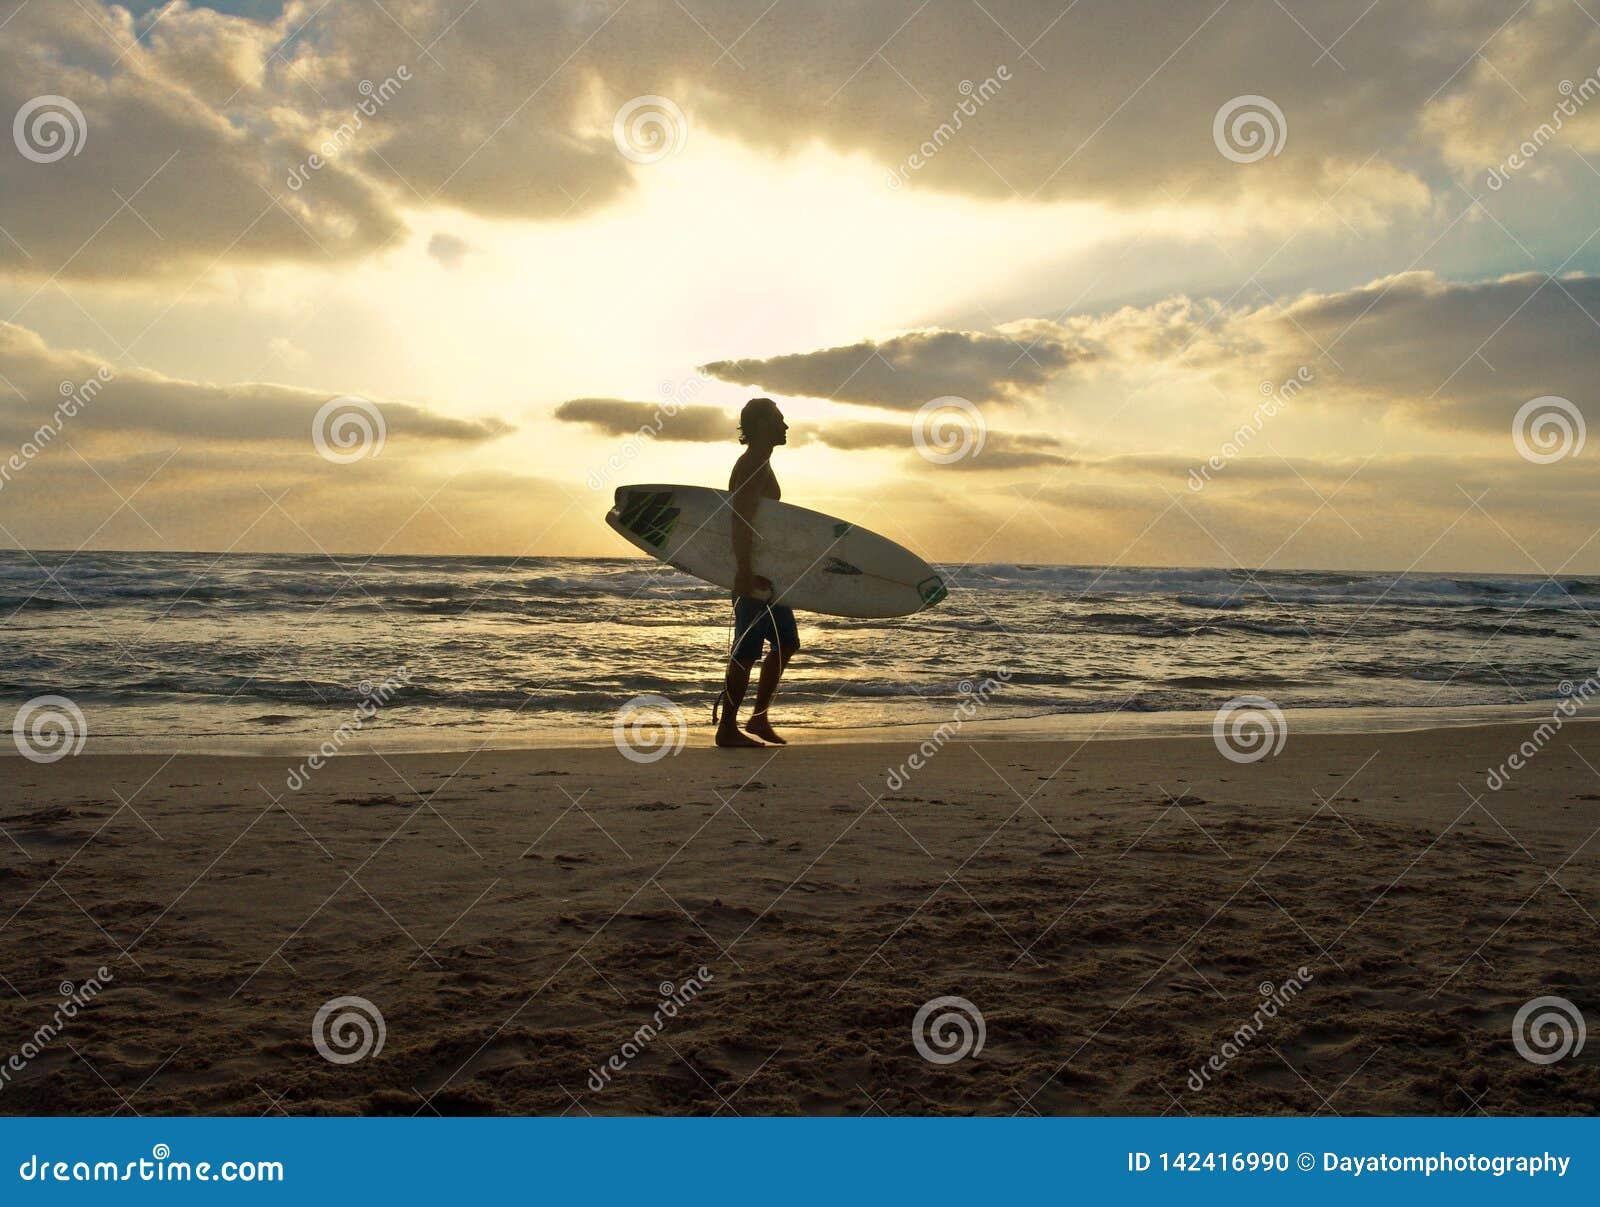 Surfer masculin simple avec une planche de surf marchant sur une plage sablonneuse sur un coucher du soleil nuageux